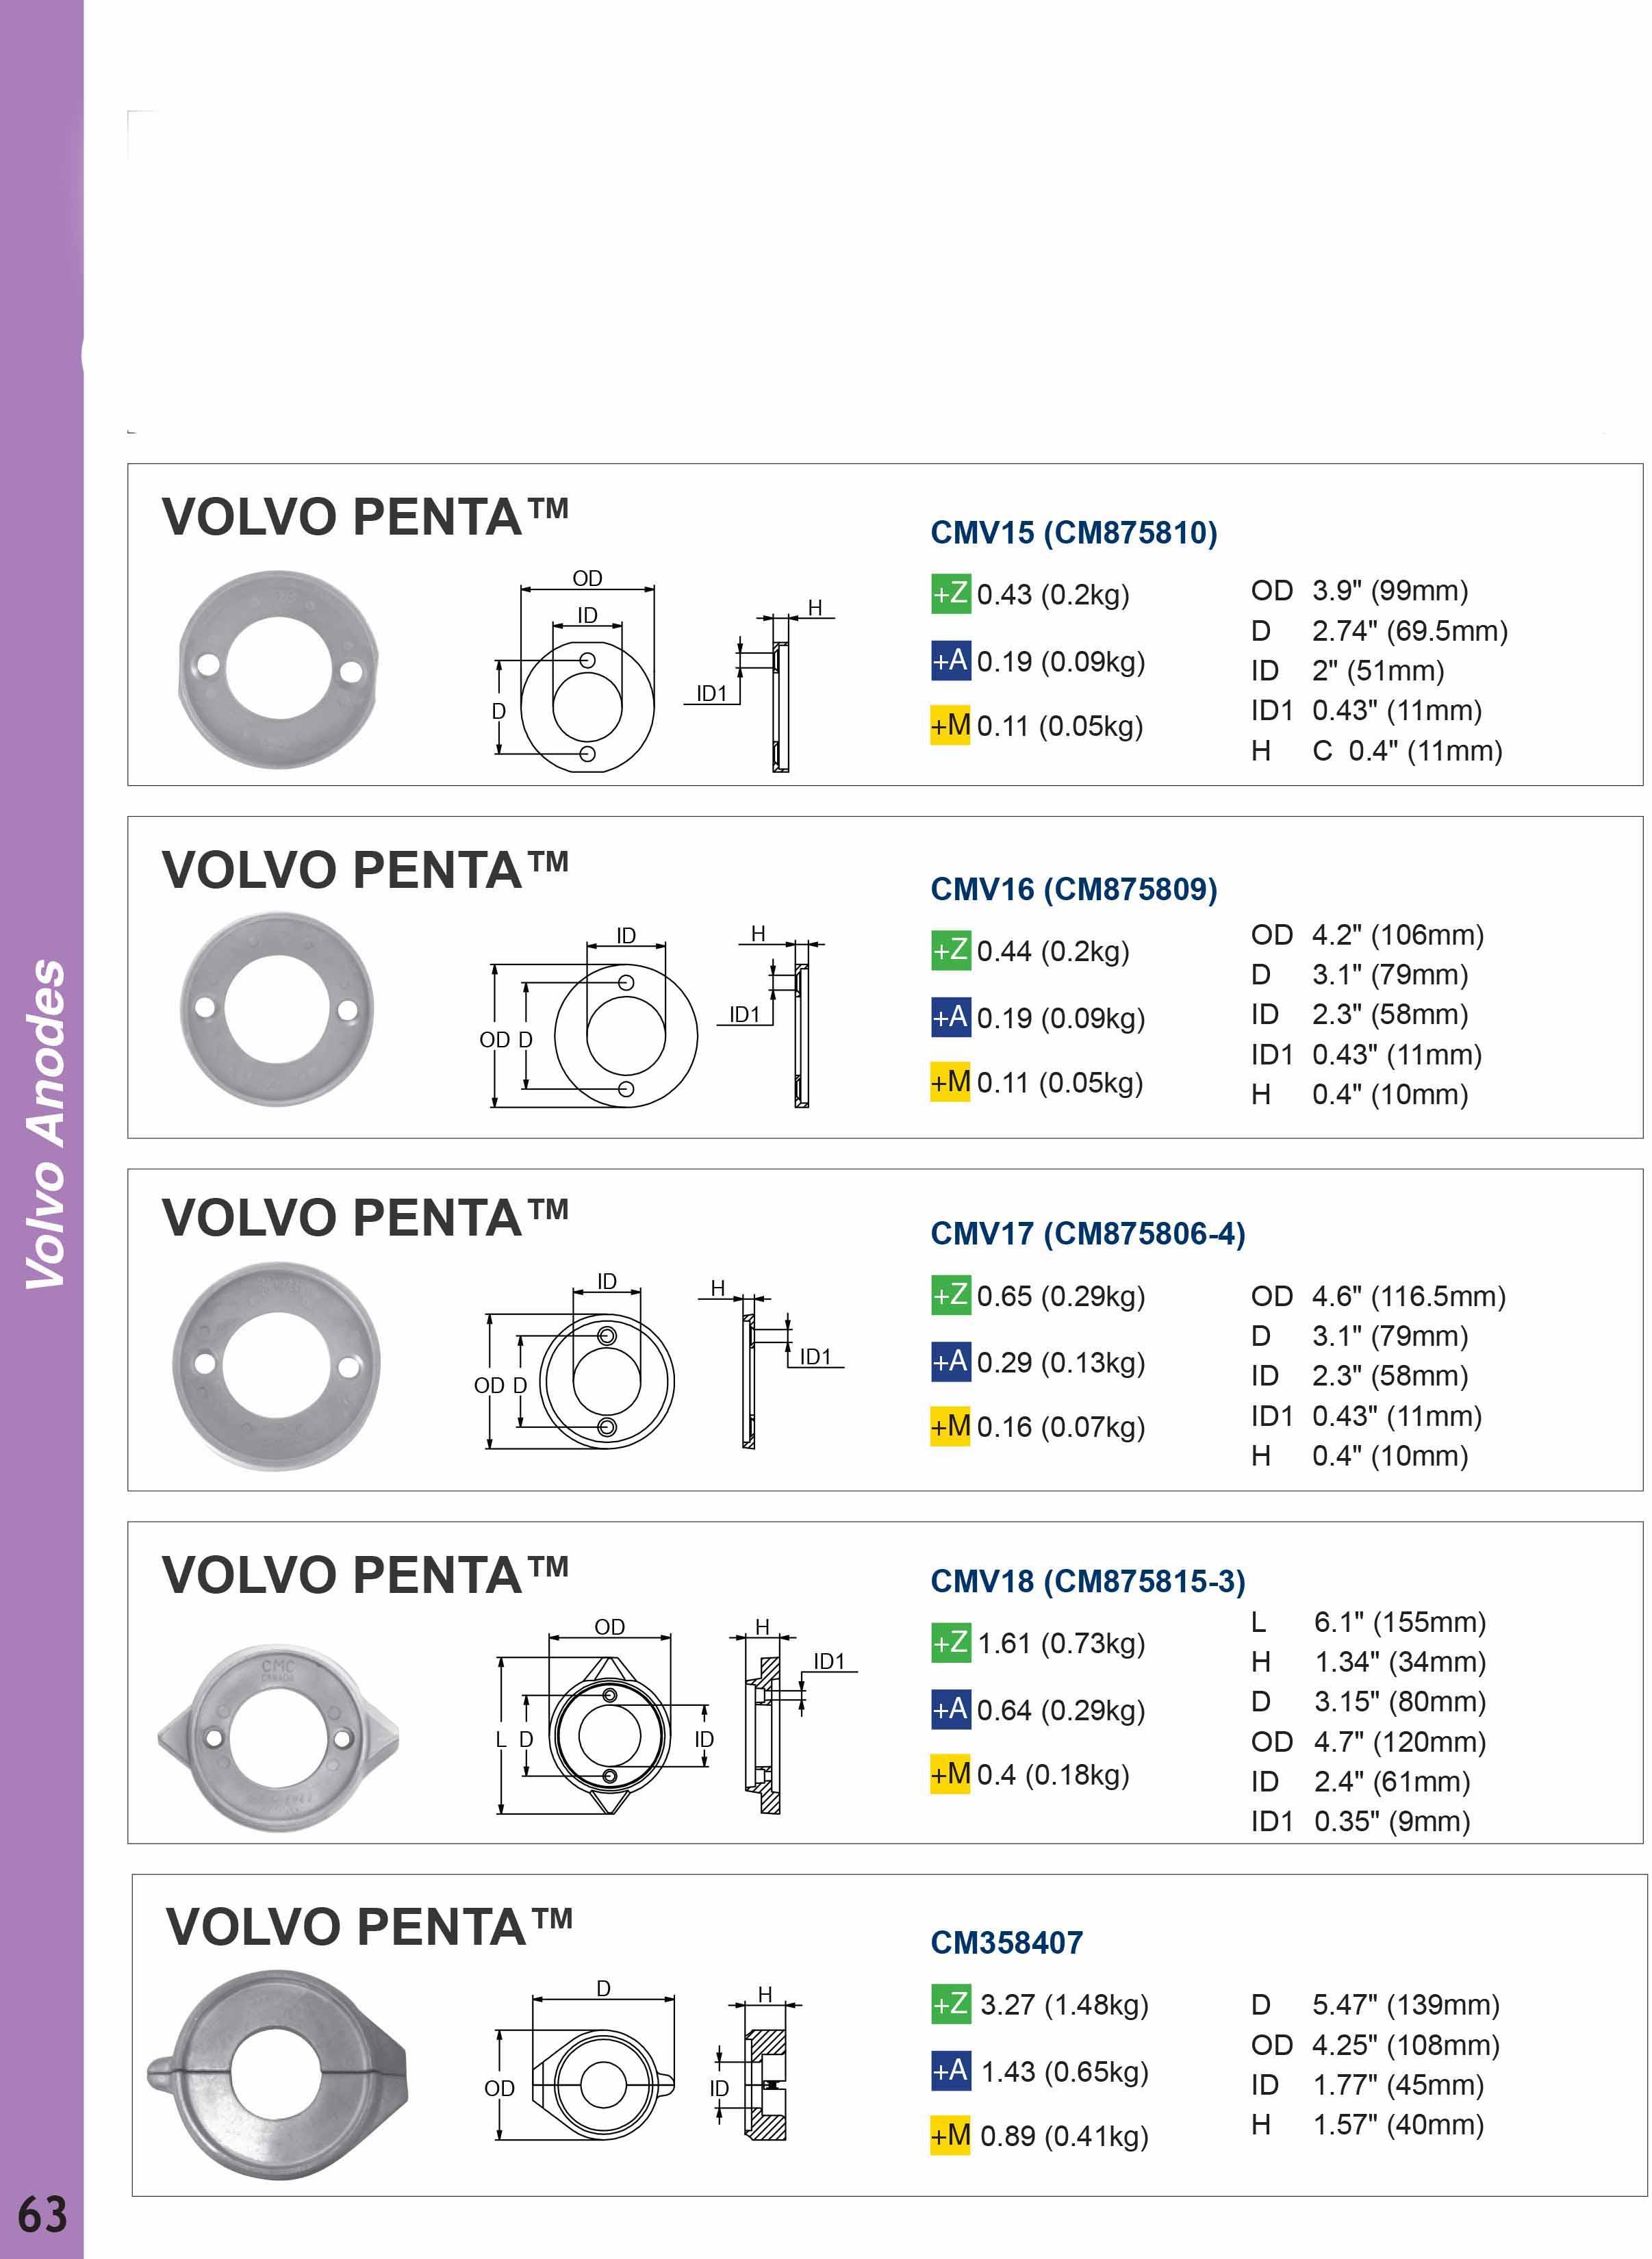 Volvo Penta Deniz Motoru Tutyaları